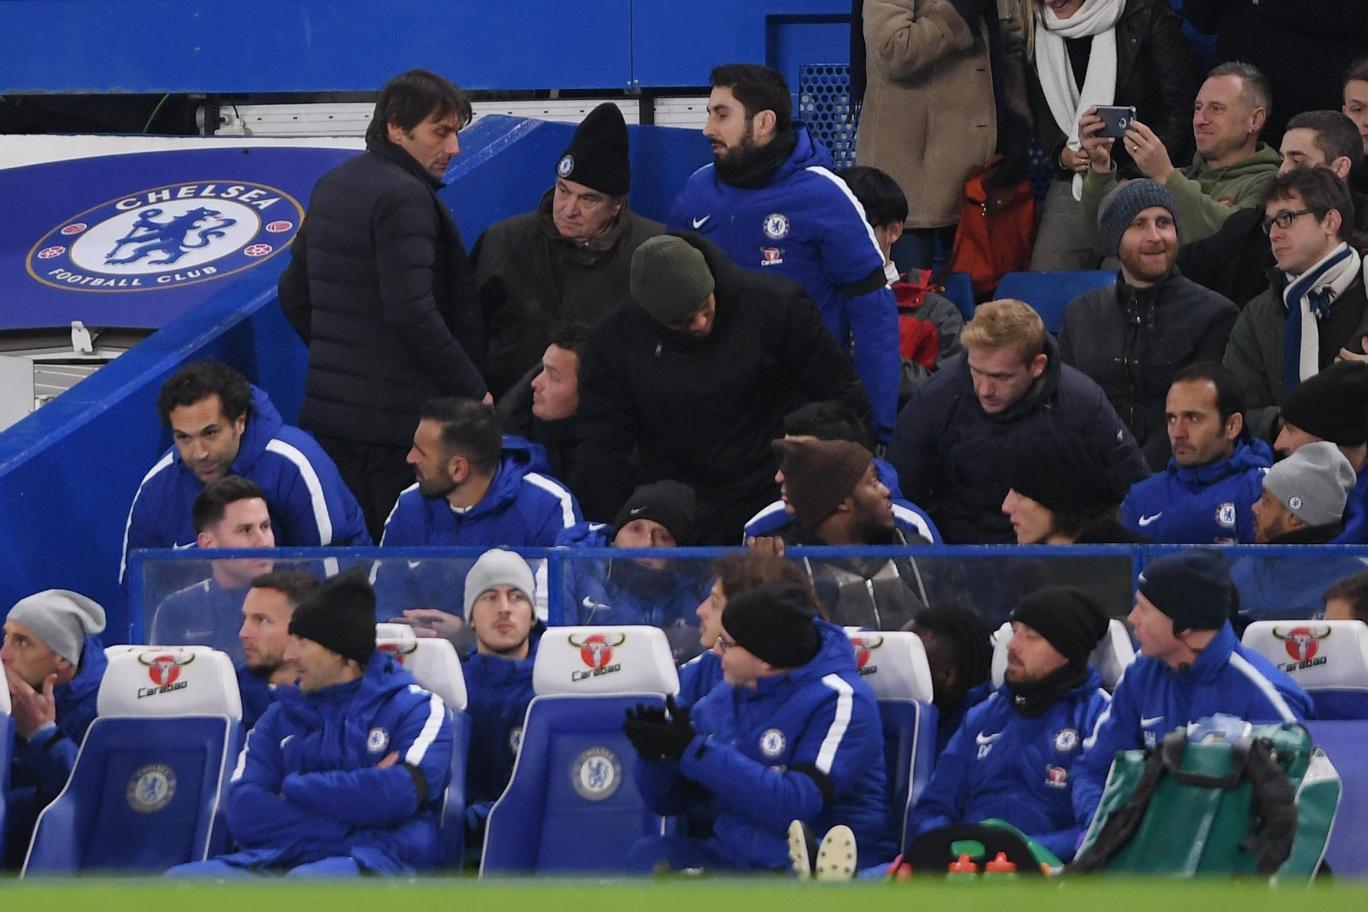 切尔西:德国国脚进球救主,孔蒂化身咆哮帝被罚上看台!